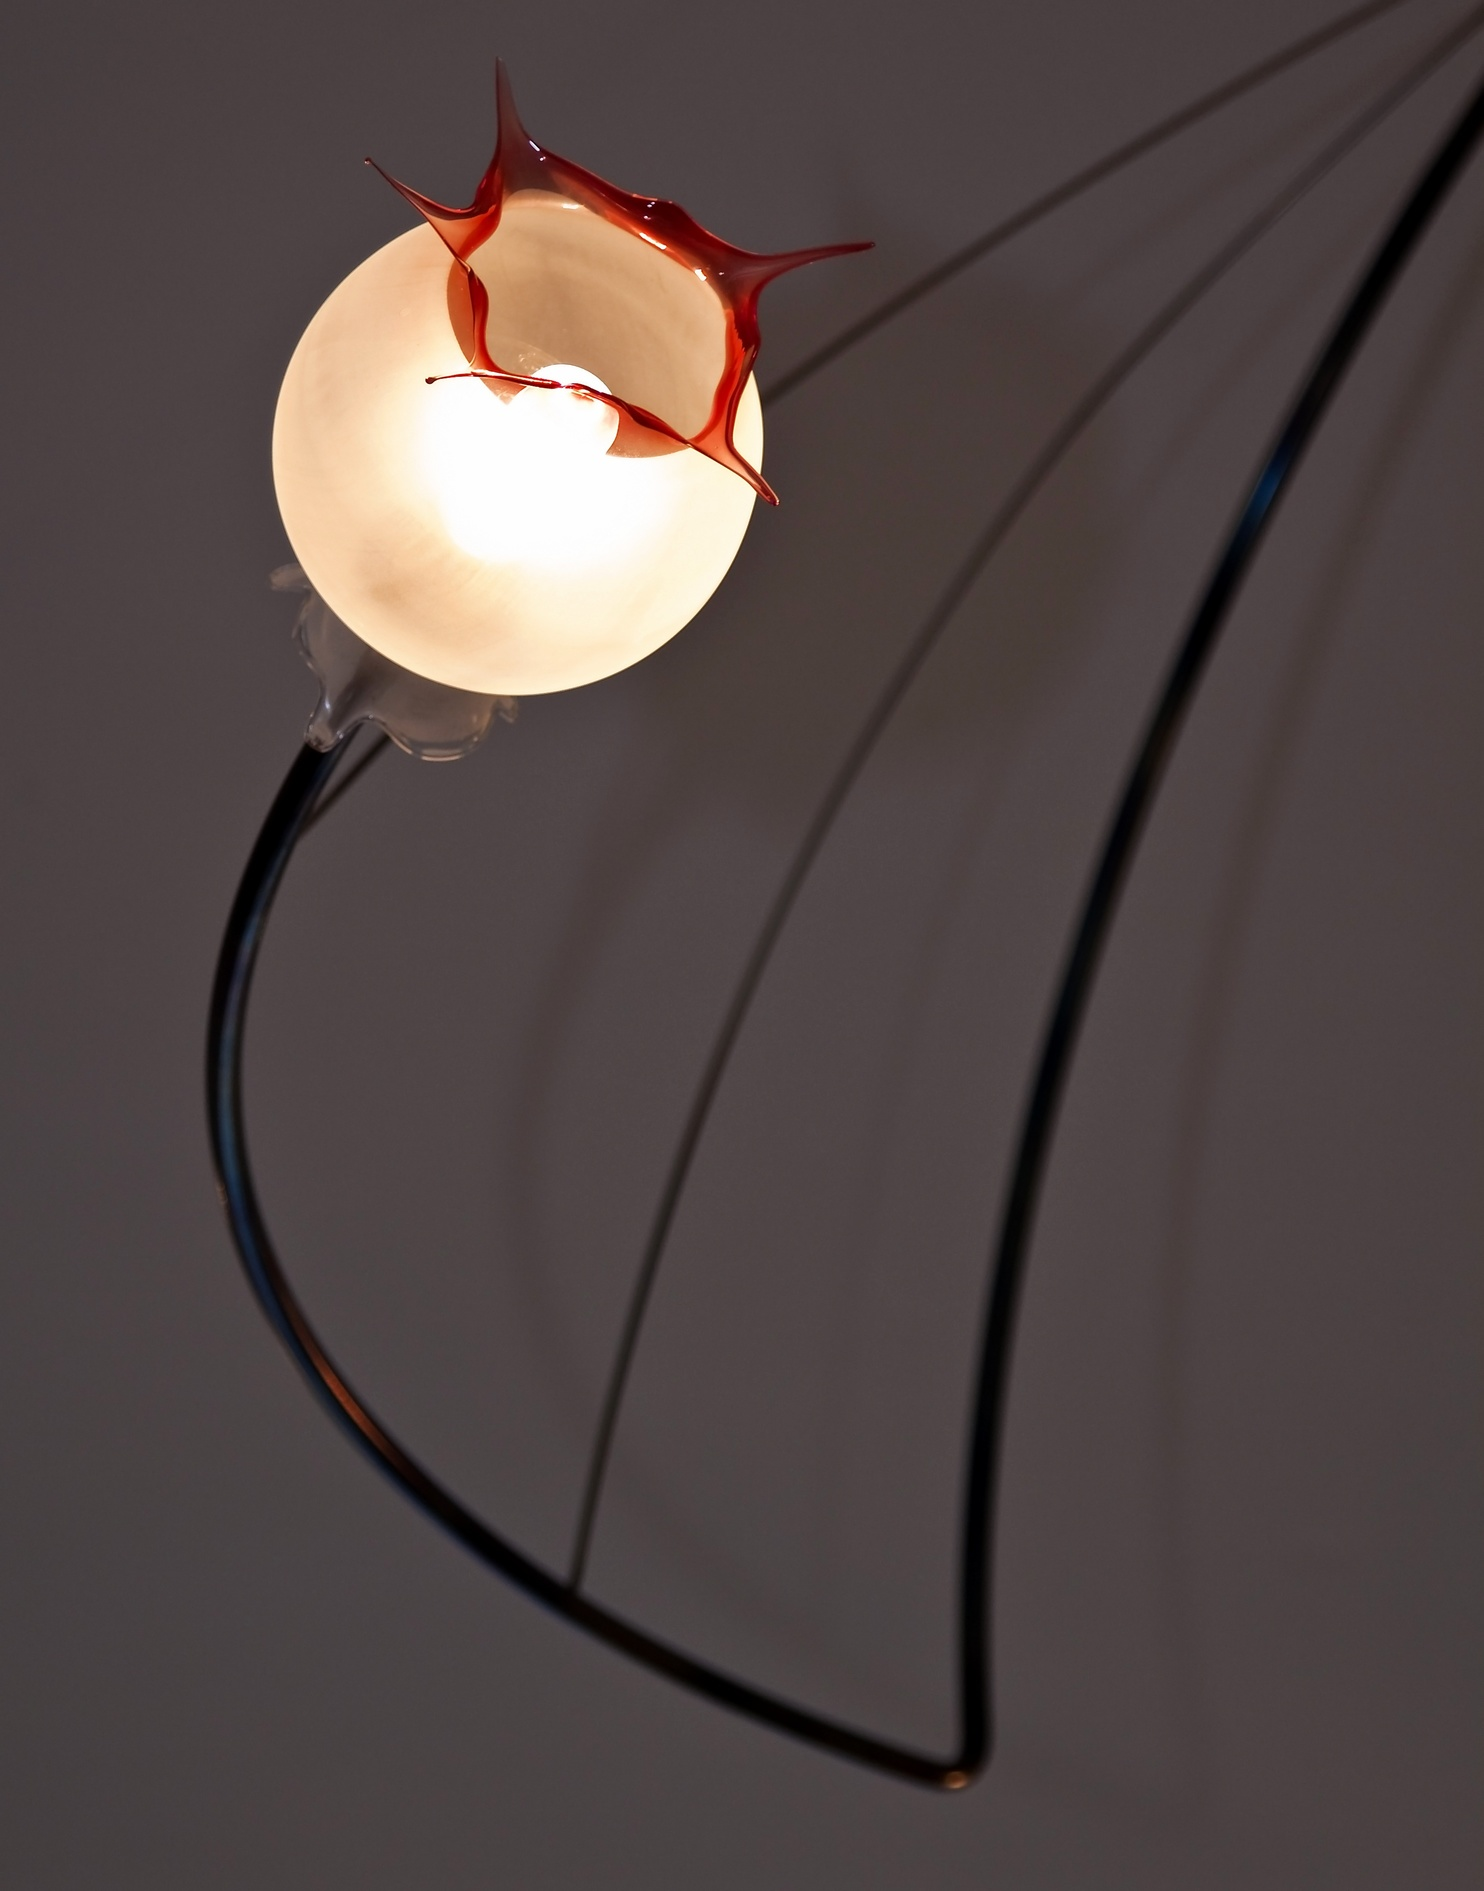 mondgeblazen verlichting van glasblazer Miranda van der Waal